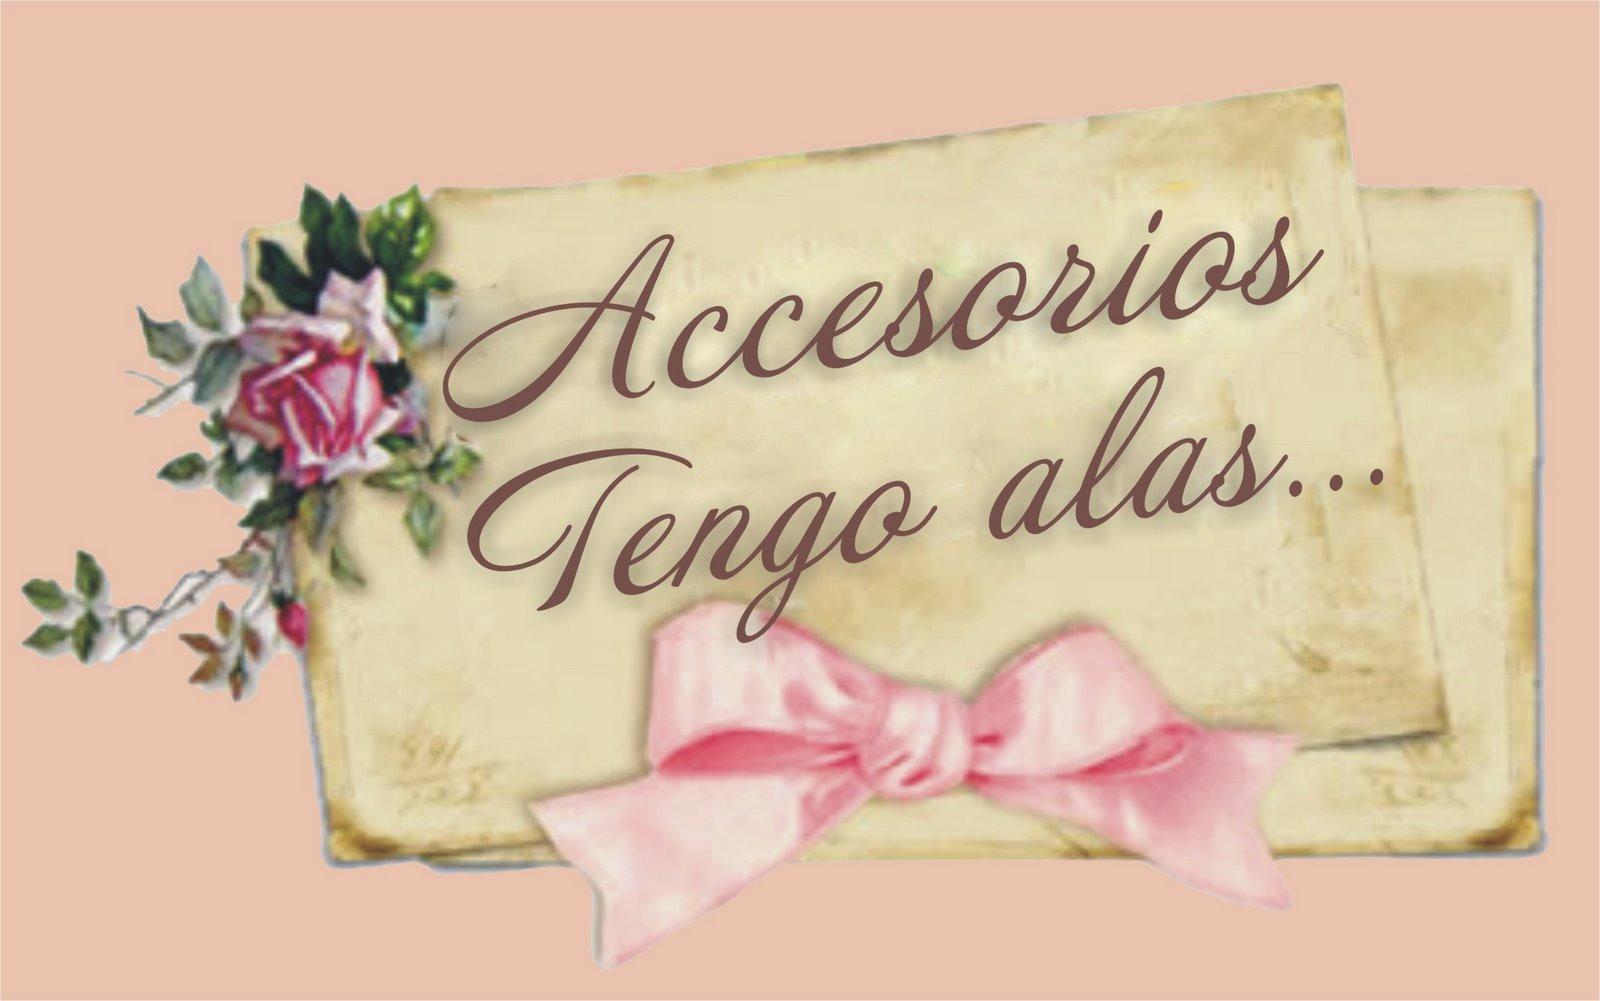 [accesorios+tengoalas.jpg]